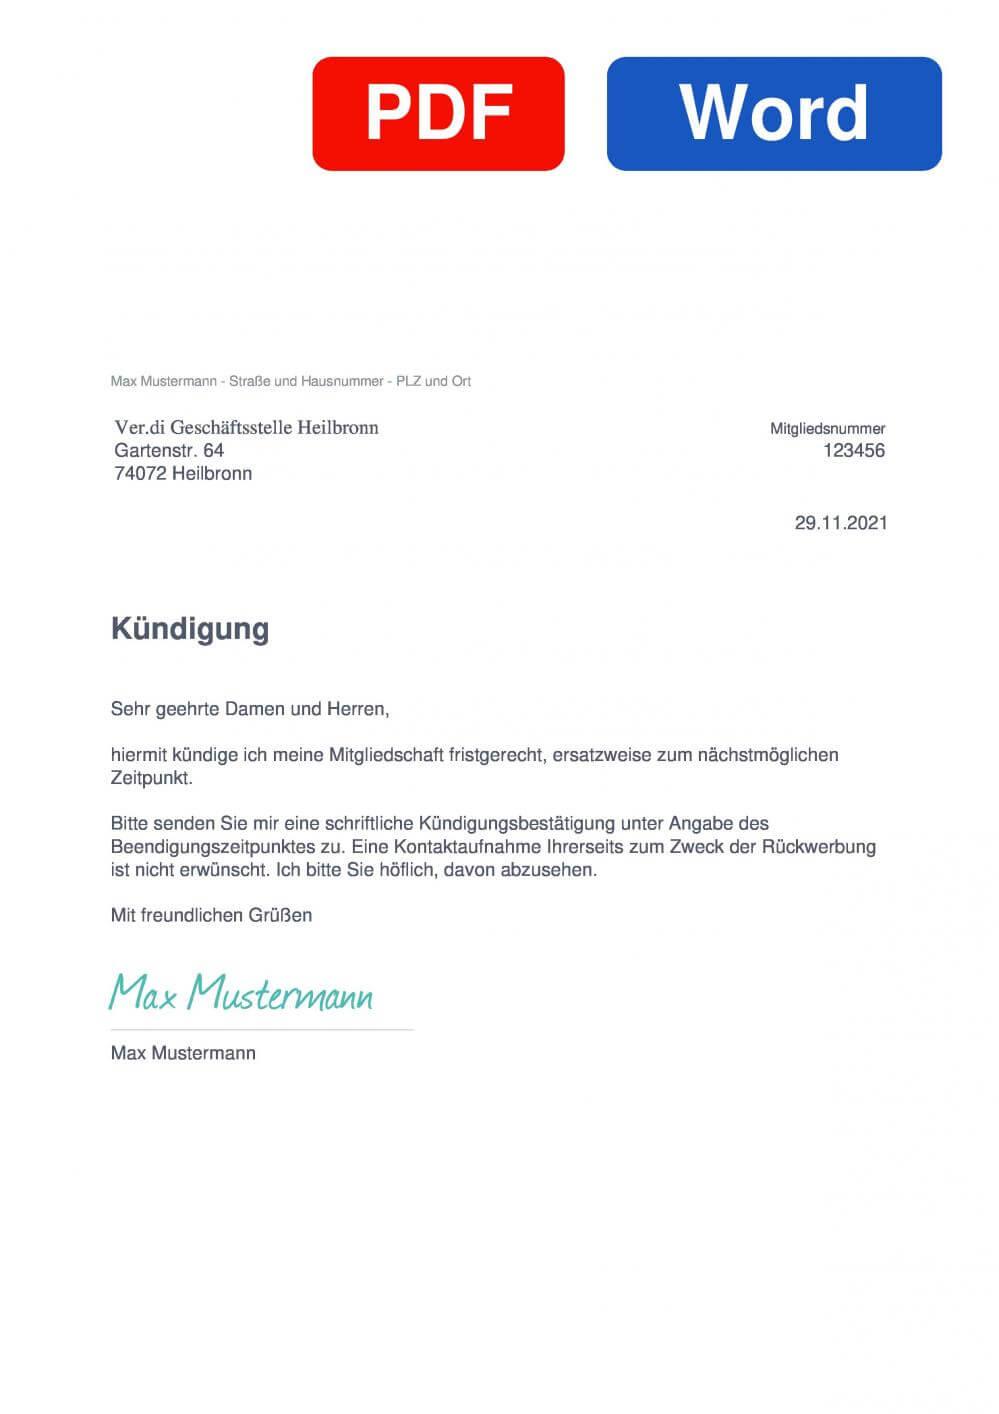 Verdi Heilbronn Muster Vorlage für Kündigungsschreiben